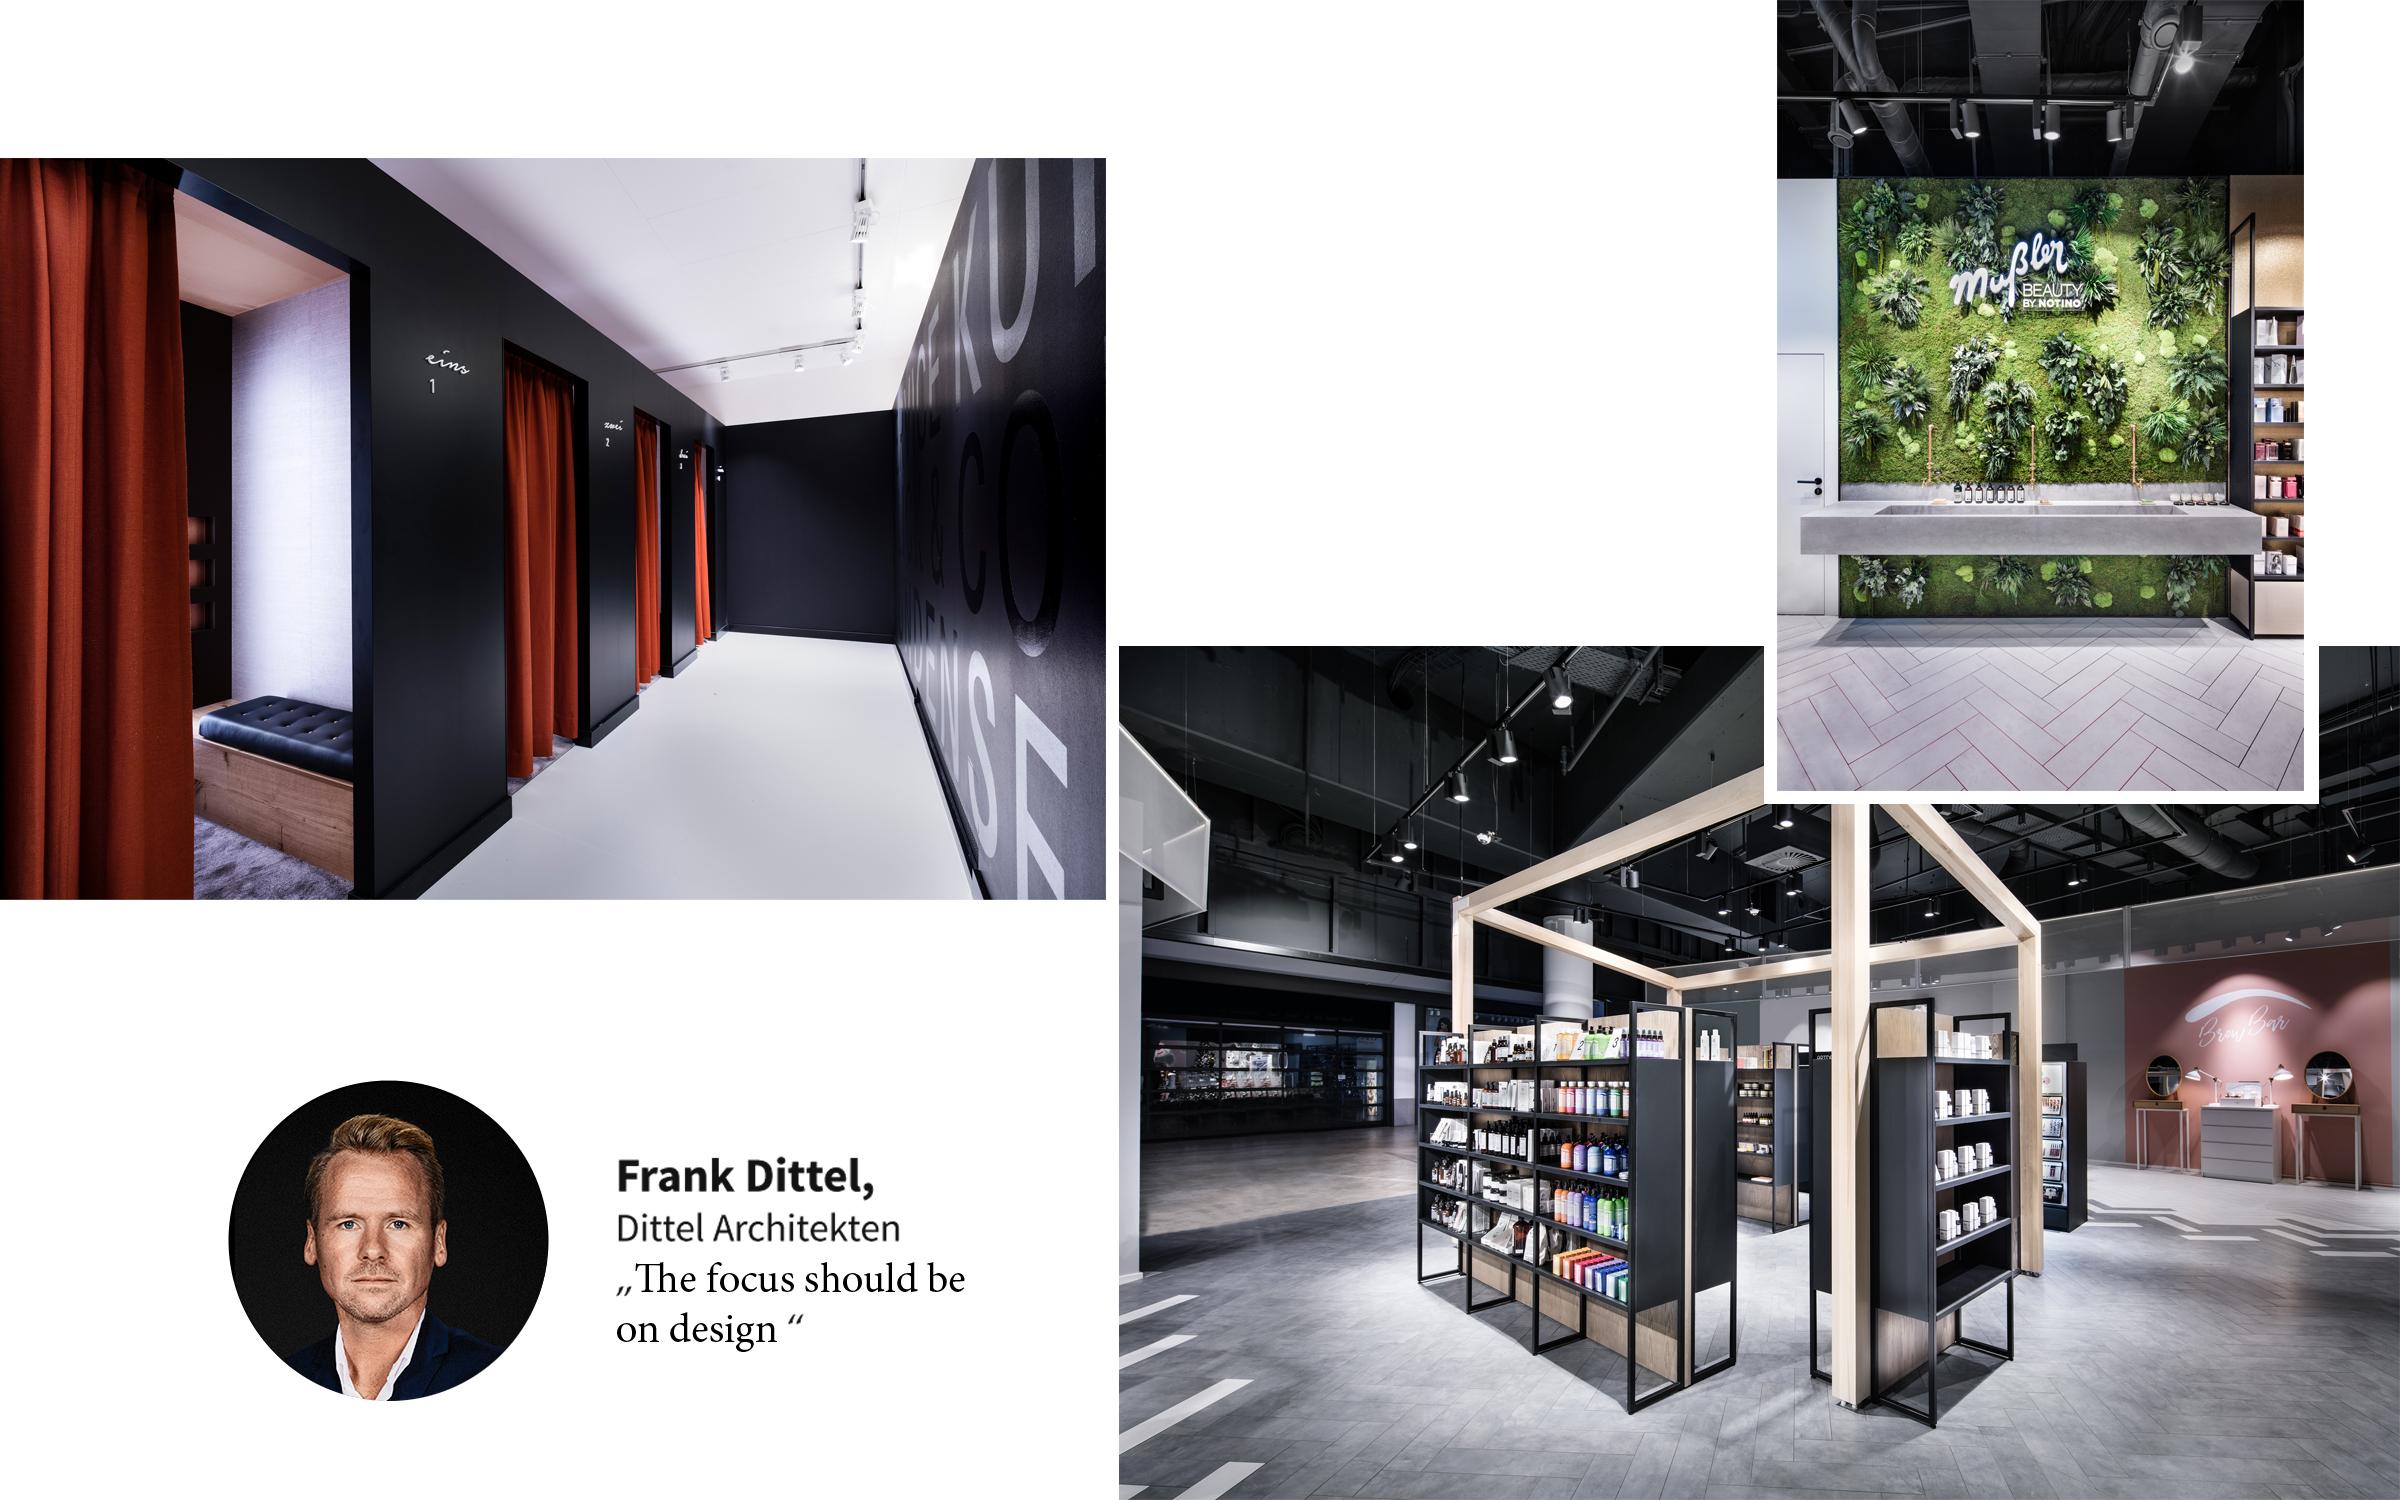 Presse Textilmitteilungen, Photos Dittel Architekten